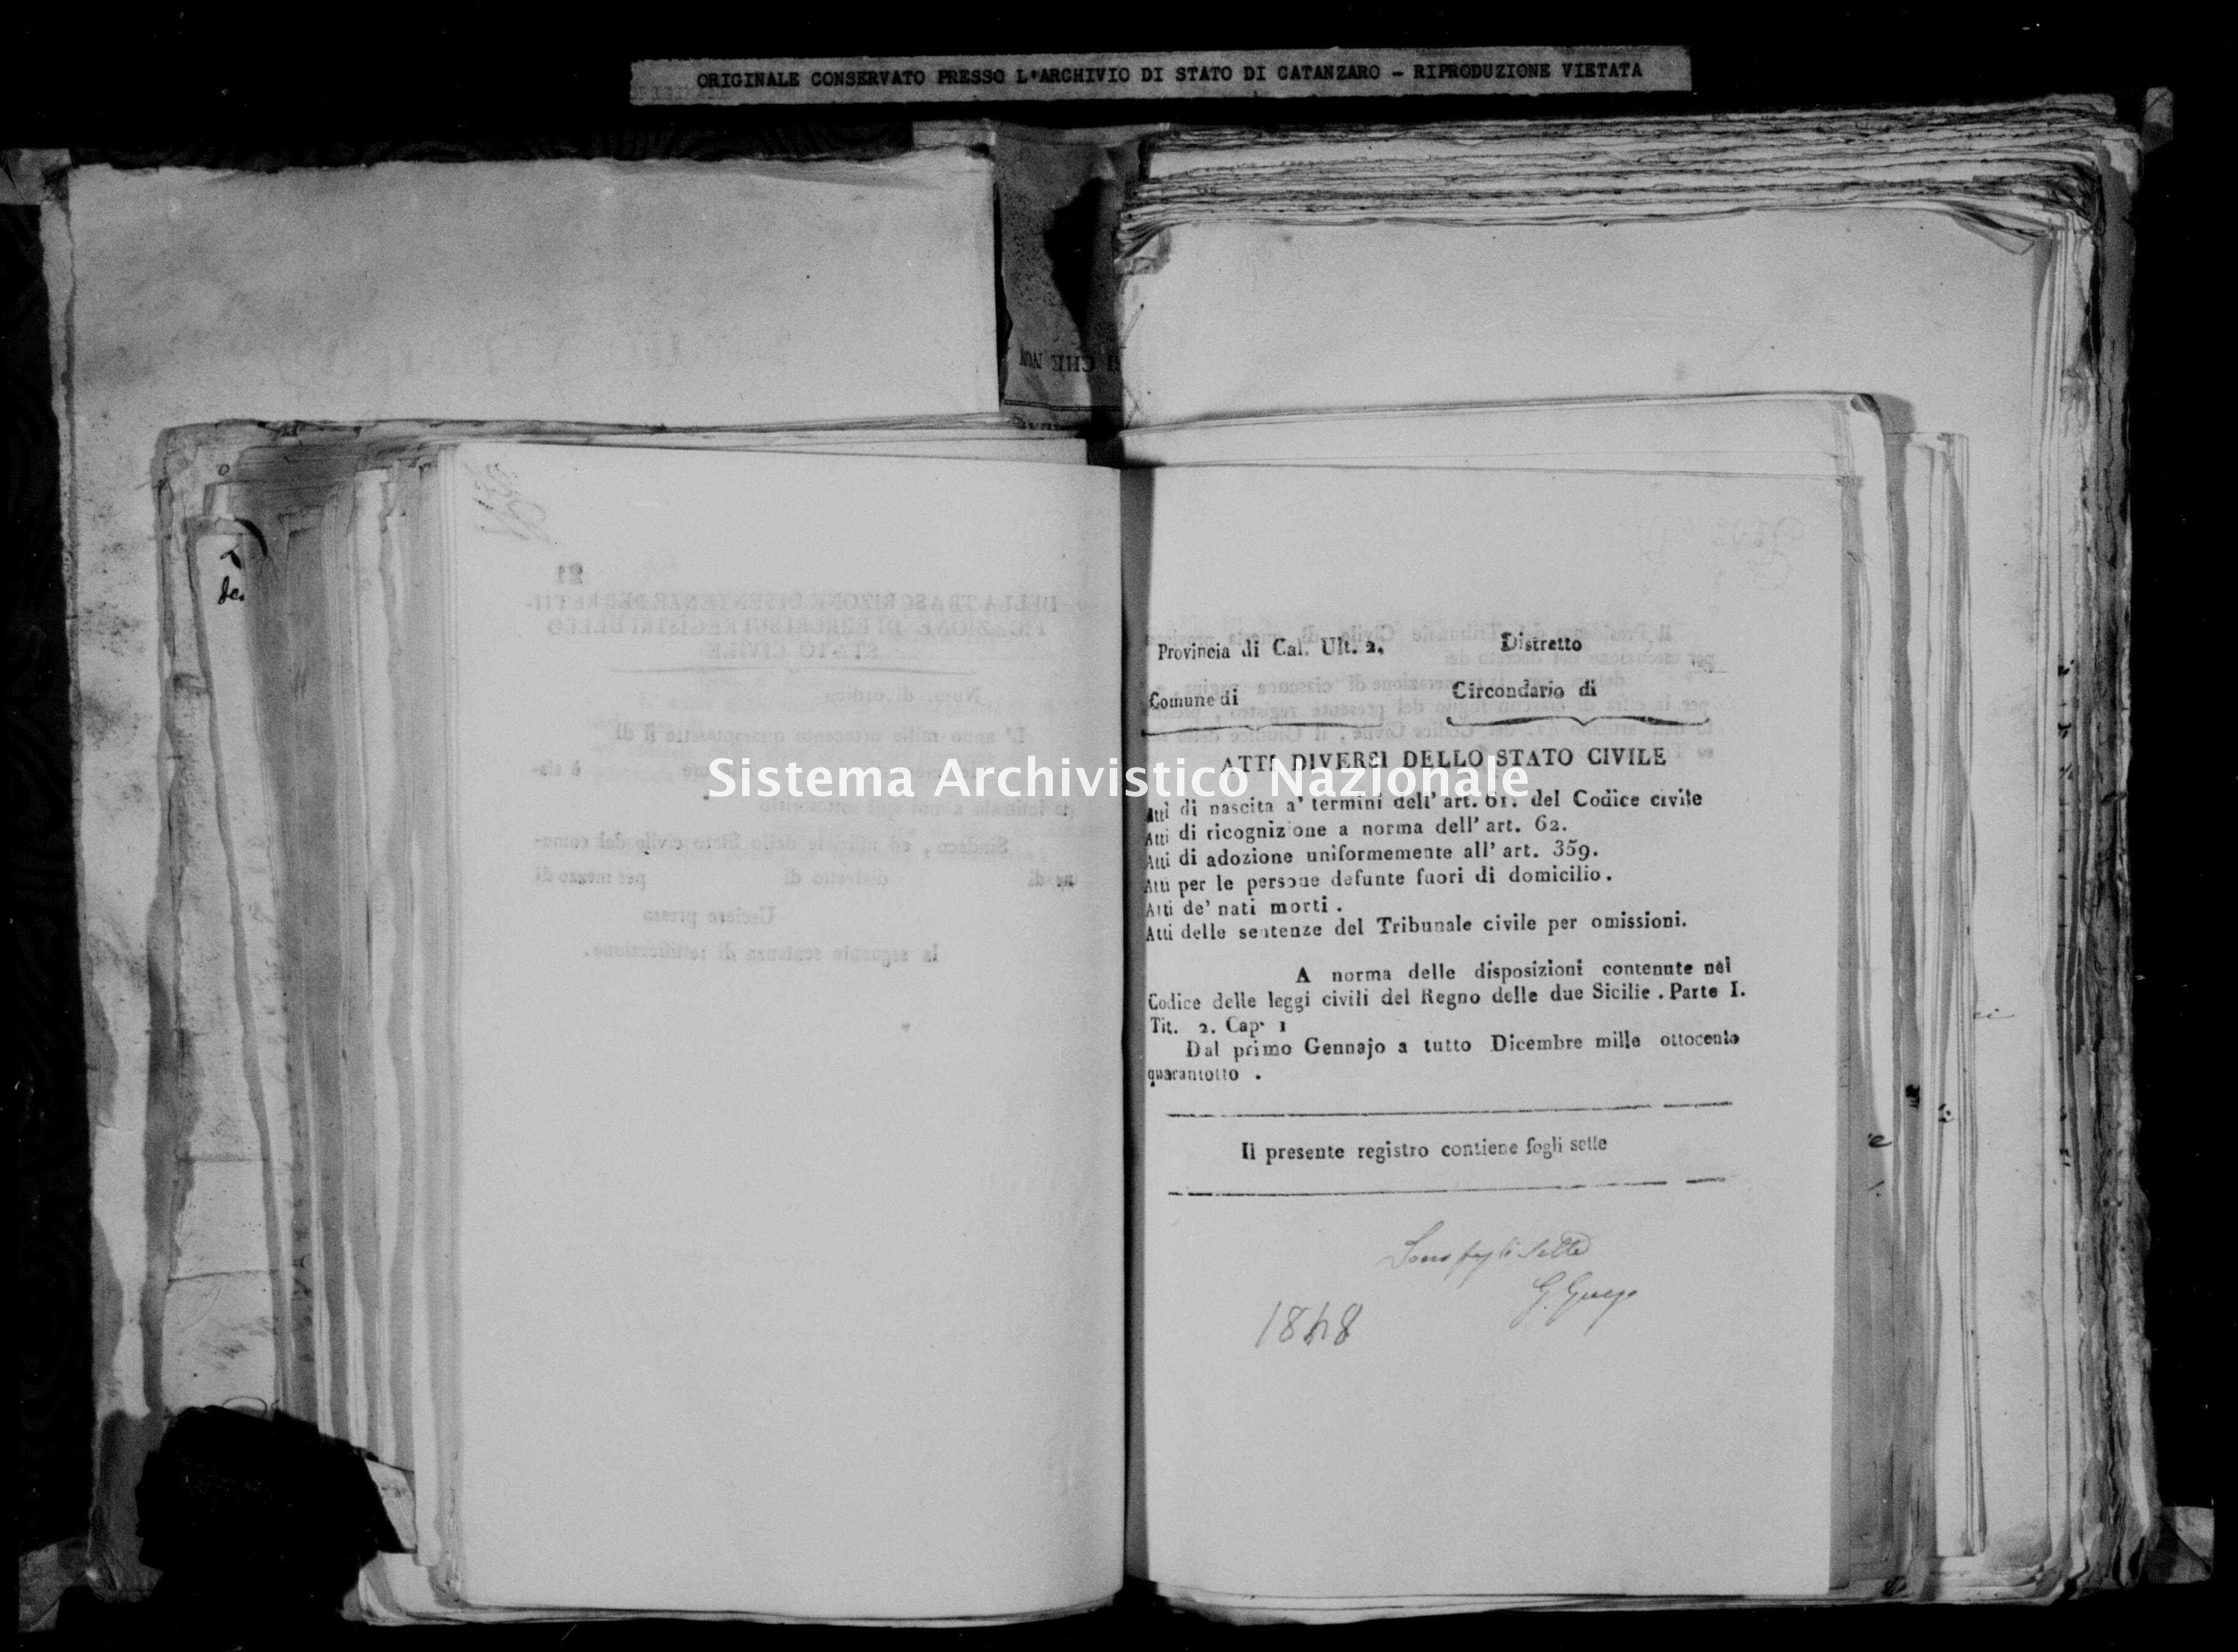 Archivio di stato di Catanzaro - Stato civile della restaurazione - Accaria - Diversi - 1848 -